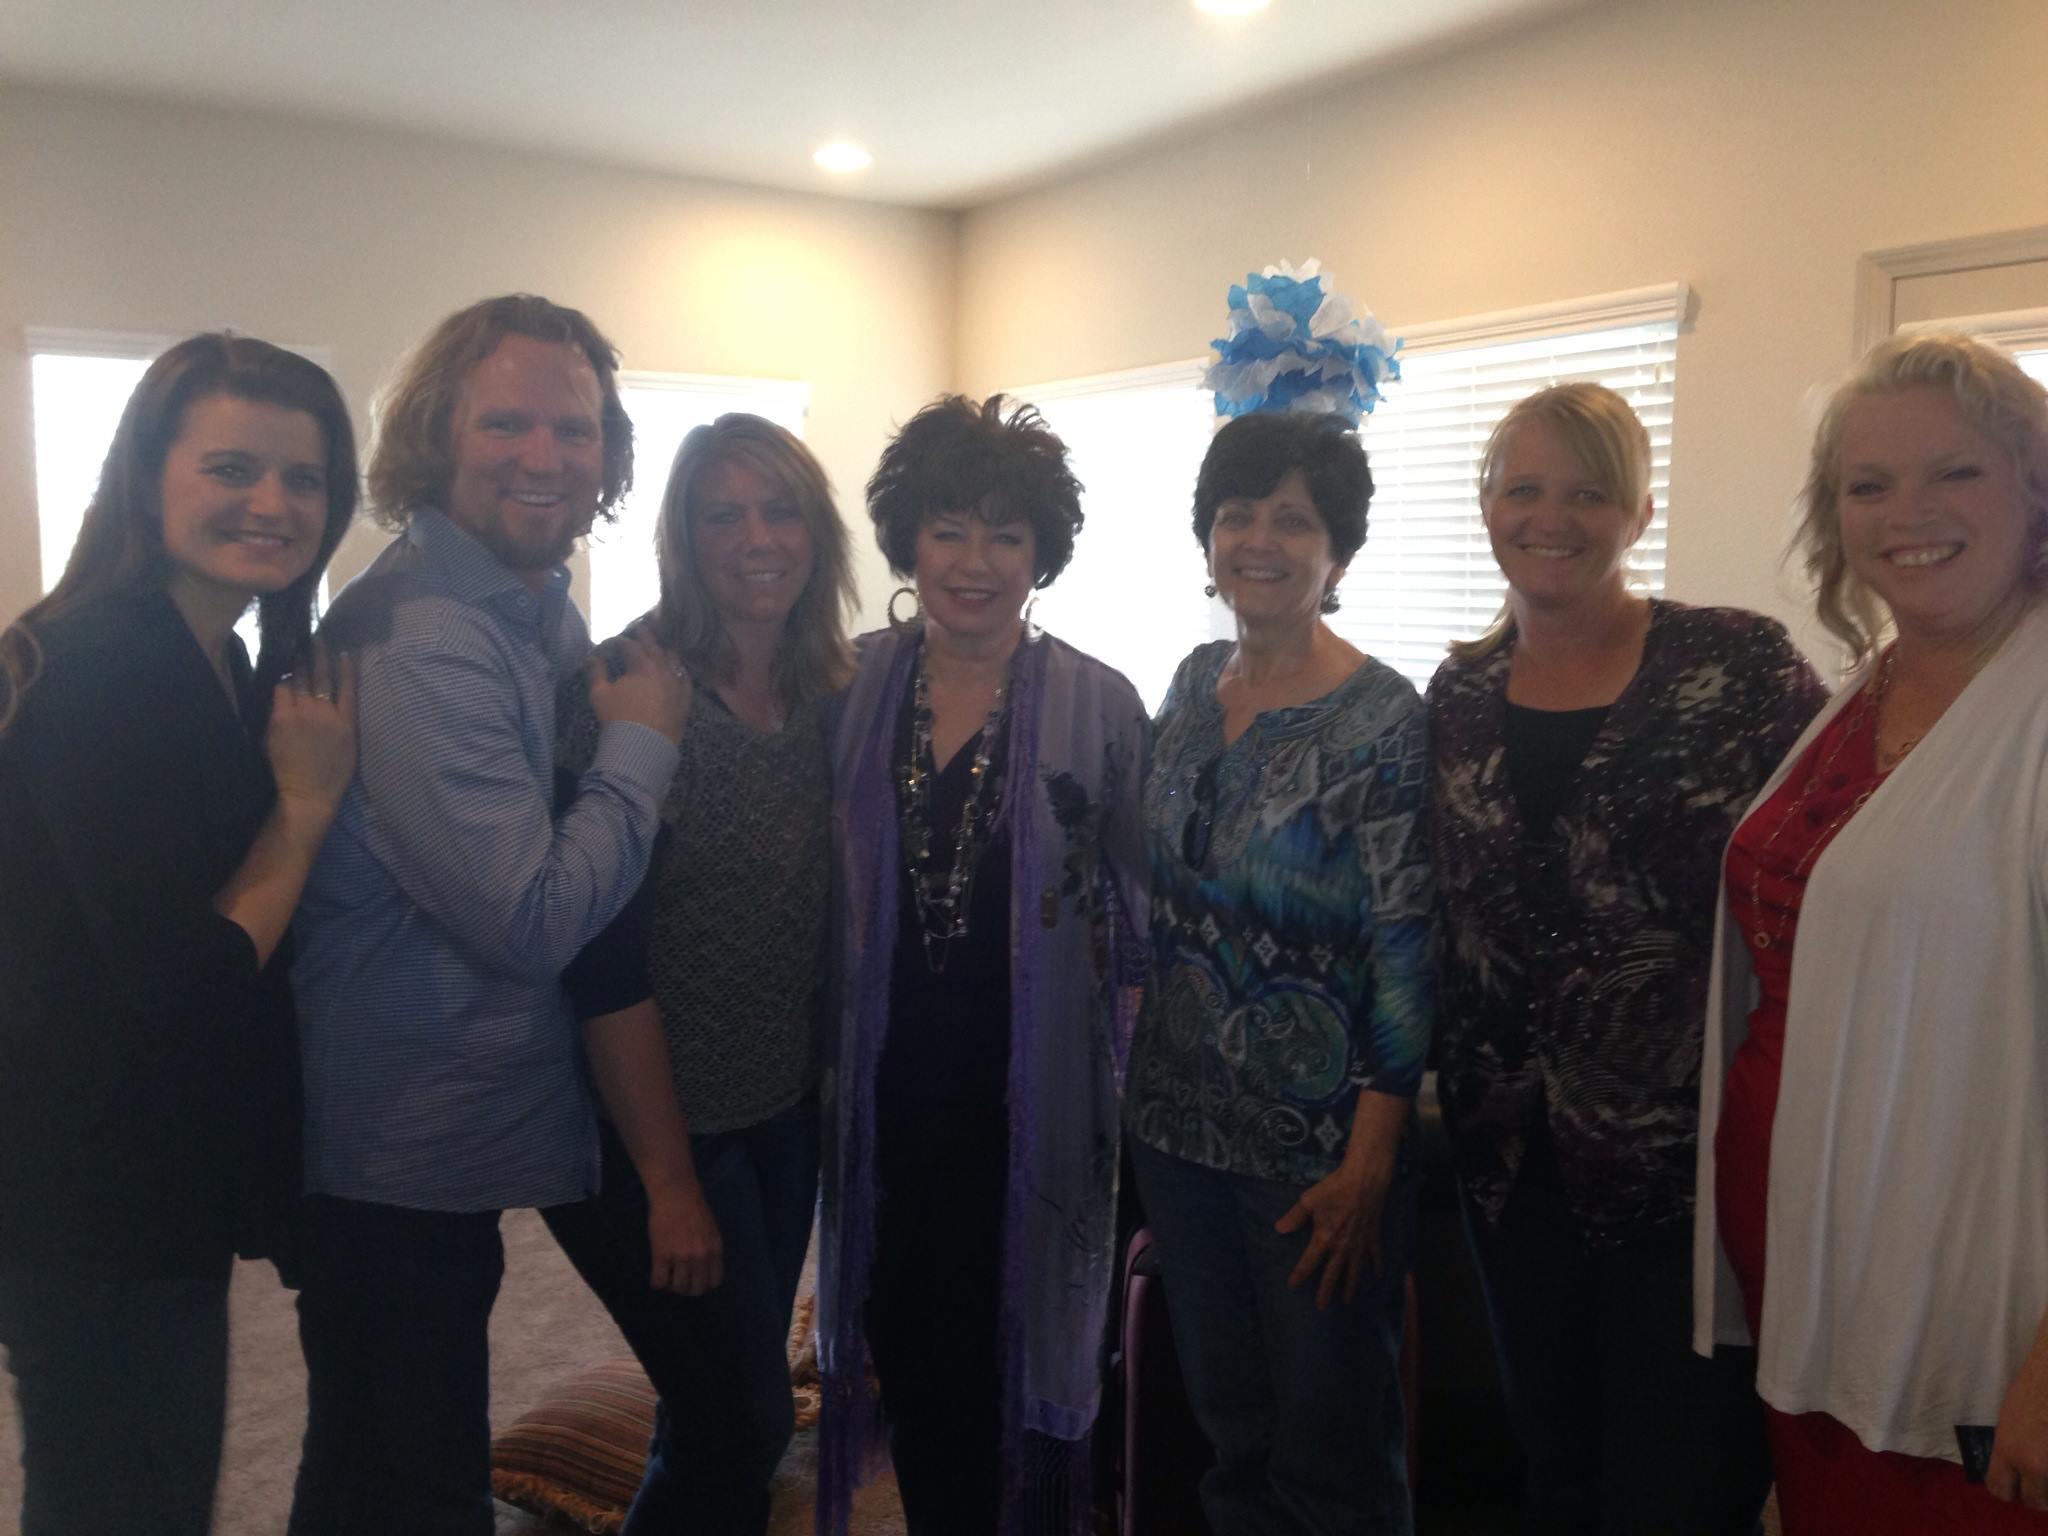 Robyn Sullivan Jessop Brown, Christine Brown, Meri Brown, Janelle Brown, and Kody Brown in Sister Wives (2010)